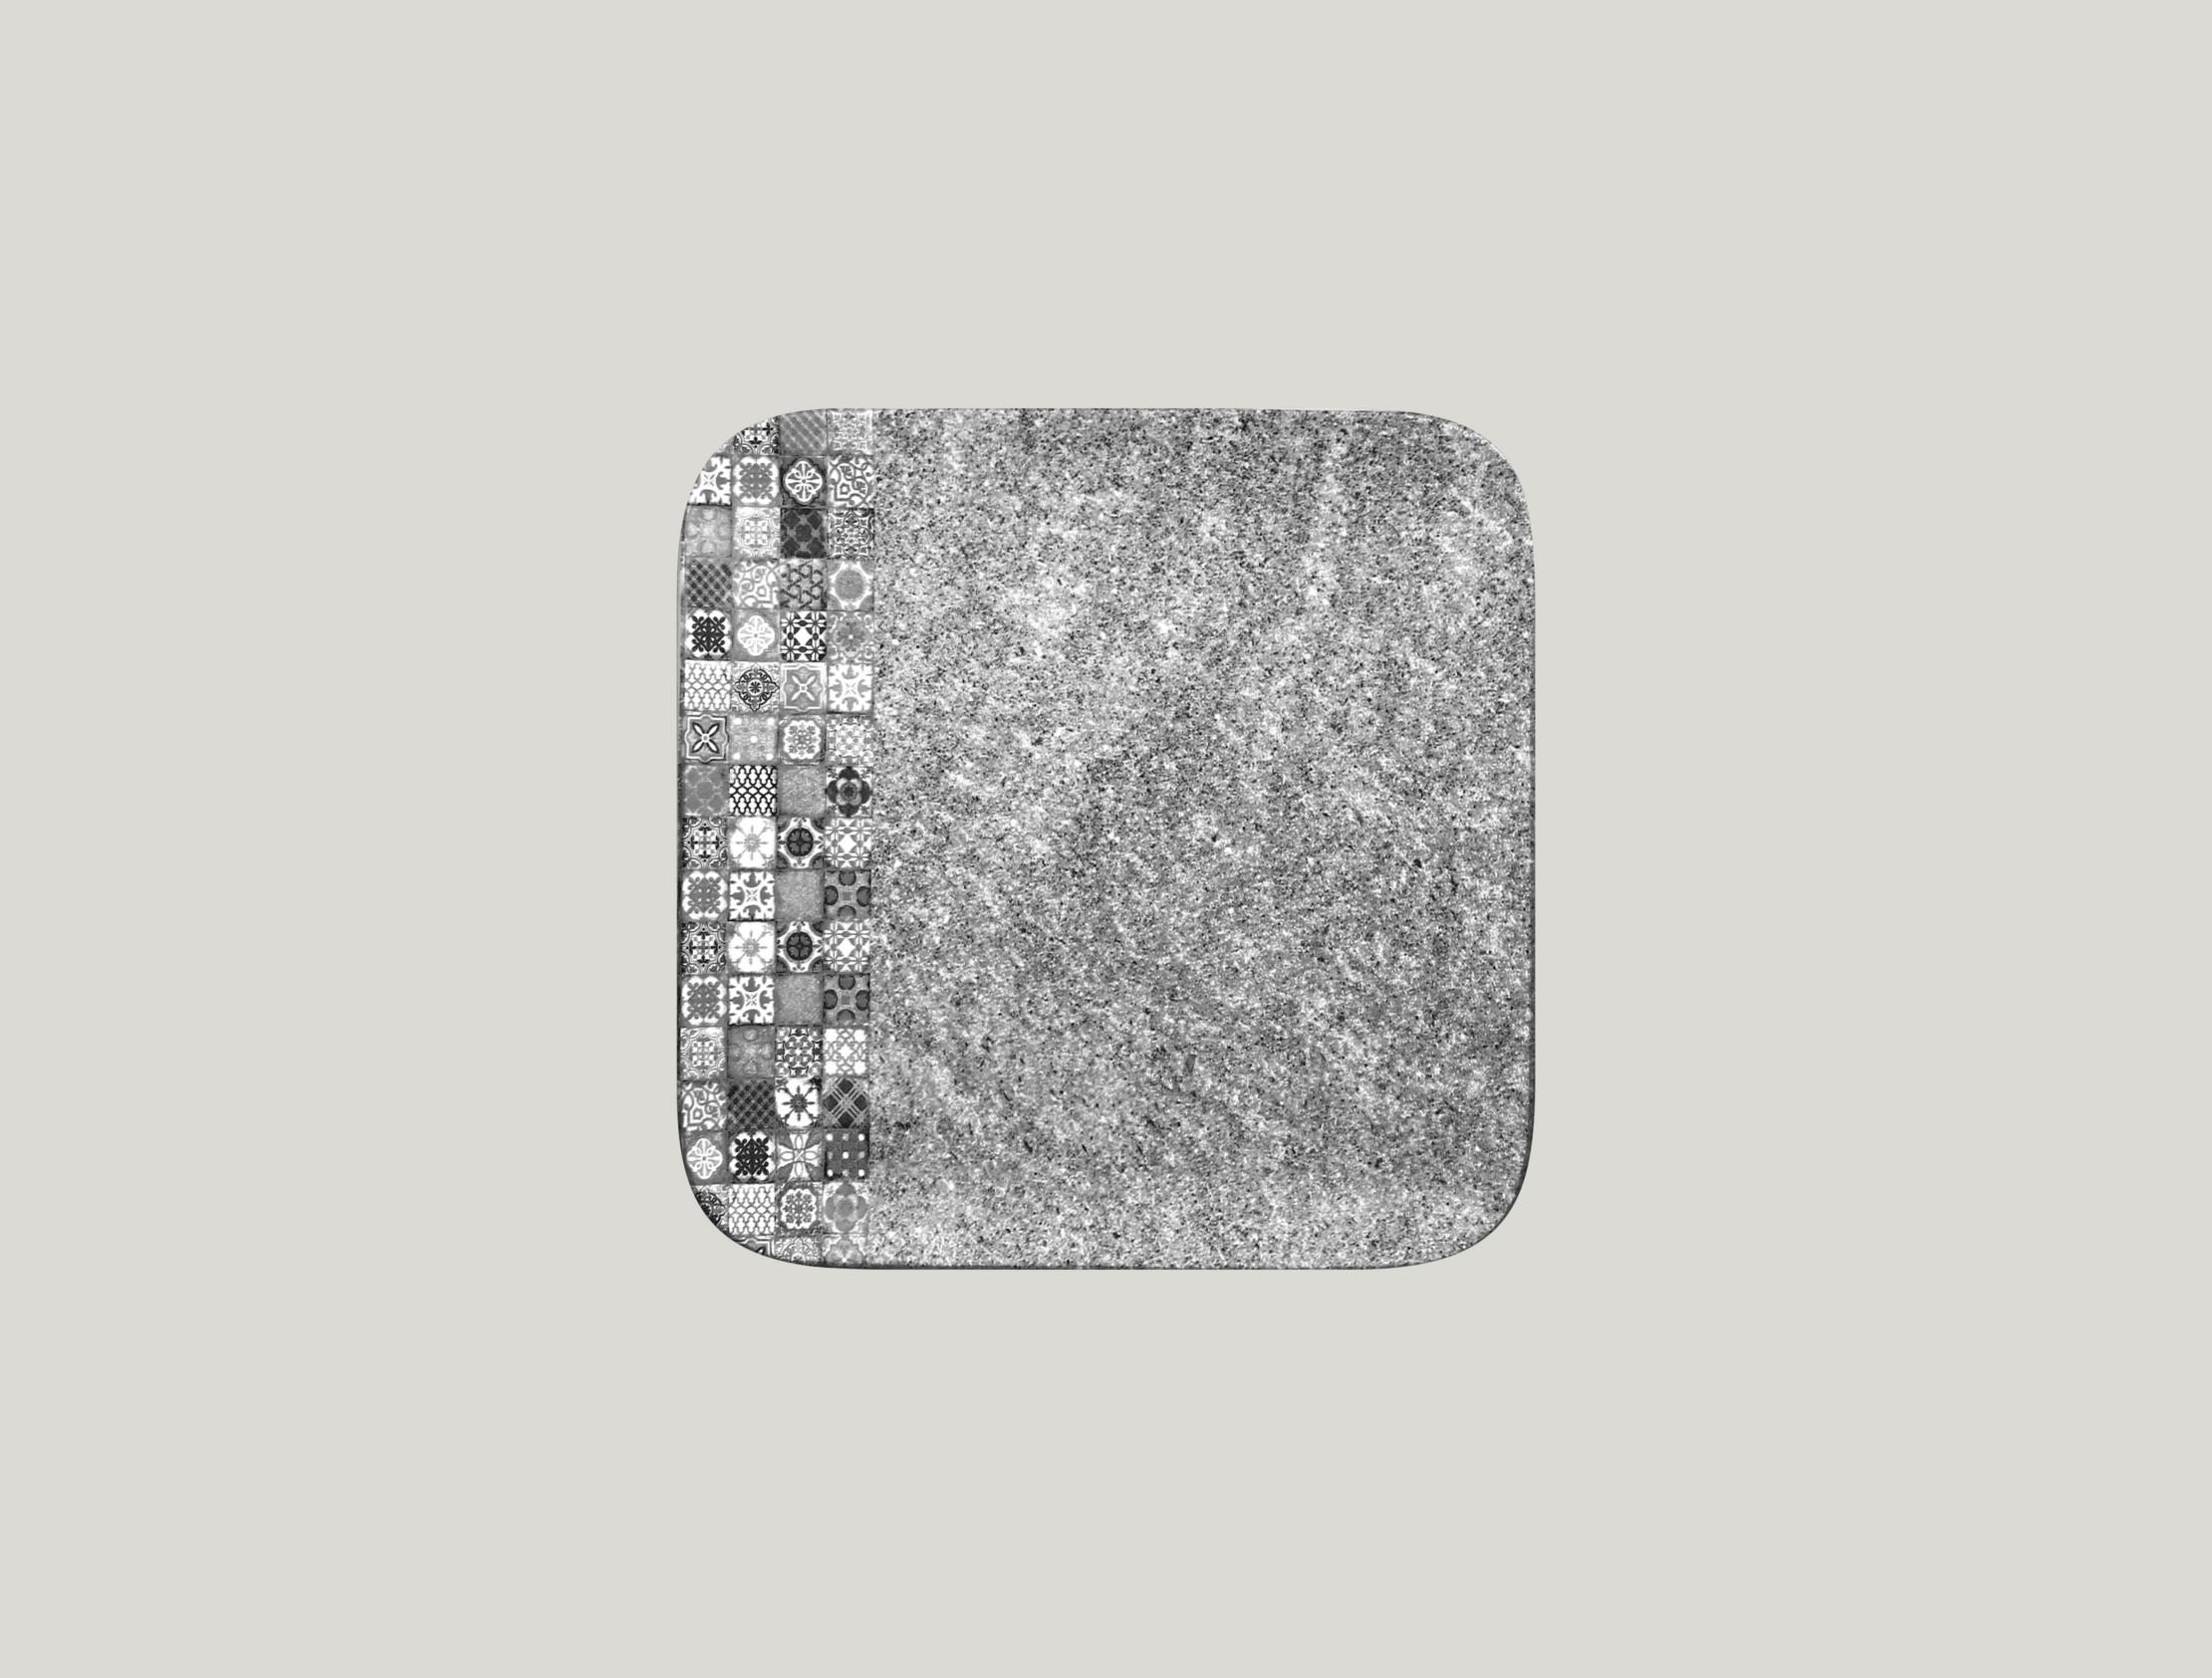 Talíř čtvercový 22 x 22 cm - šedá